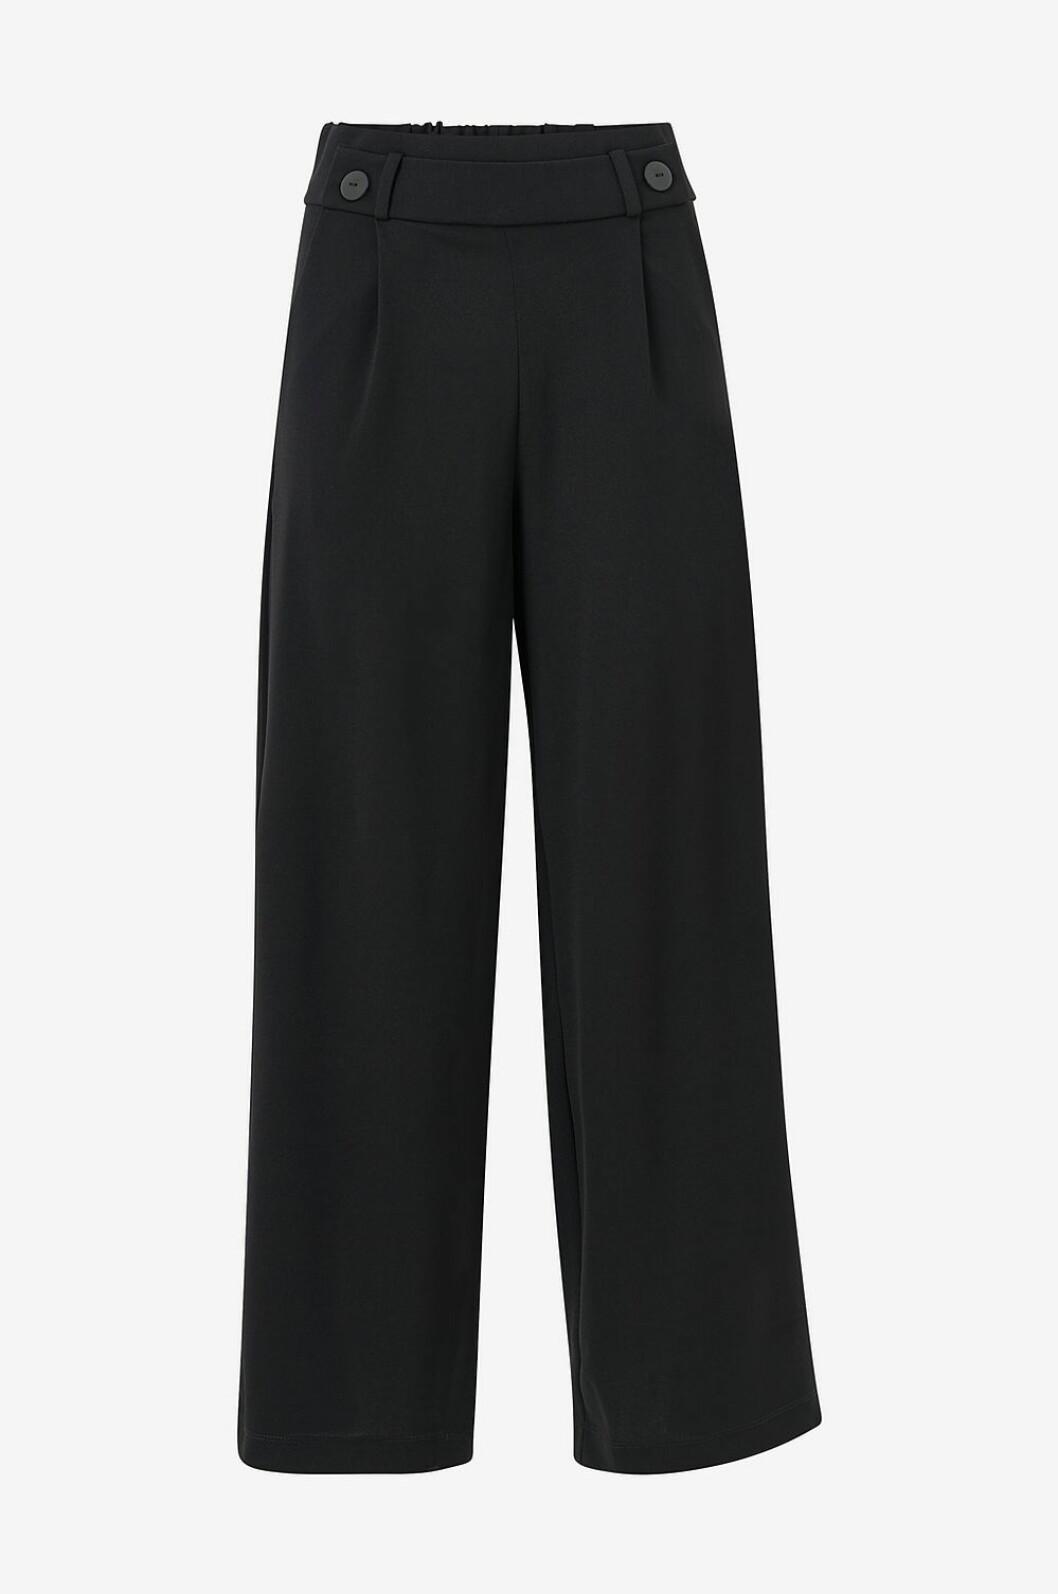 Svarta kostymbyxor för dam till festen 2019